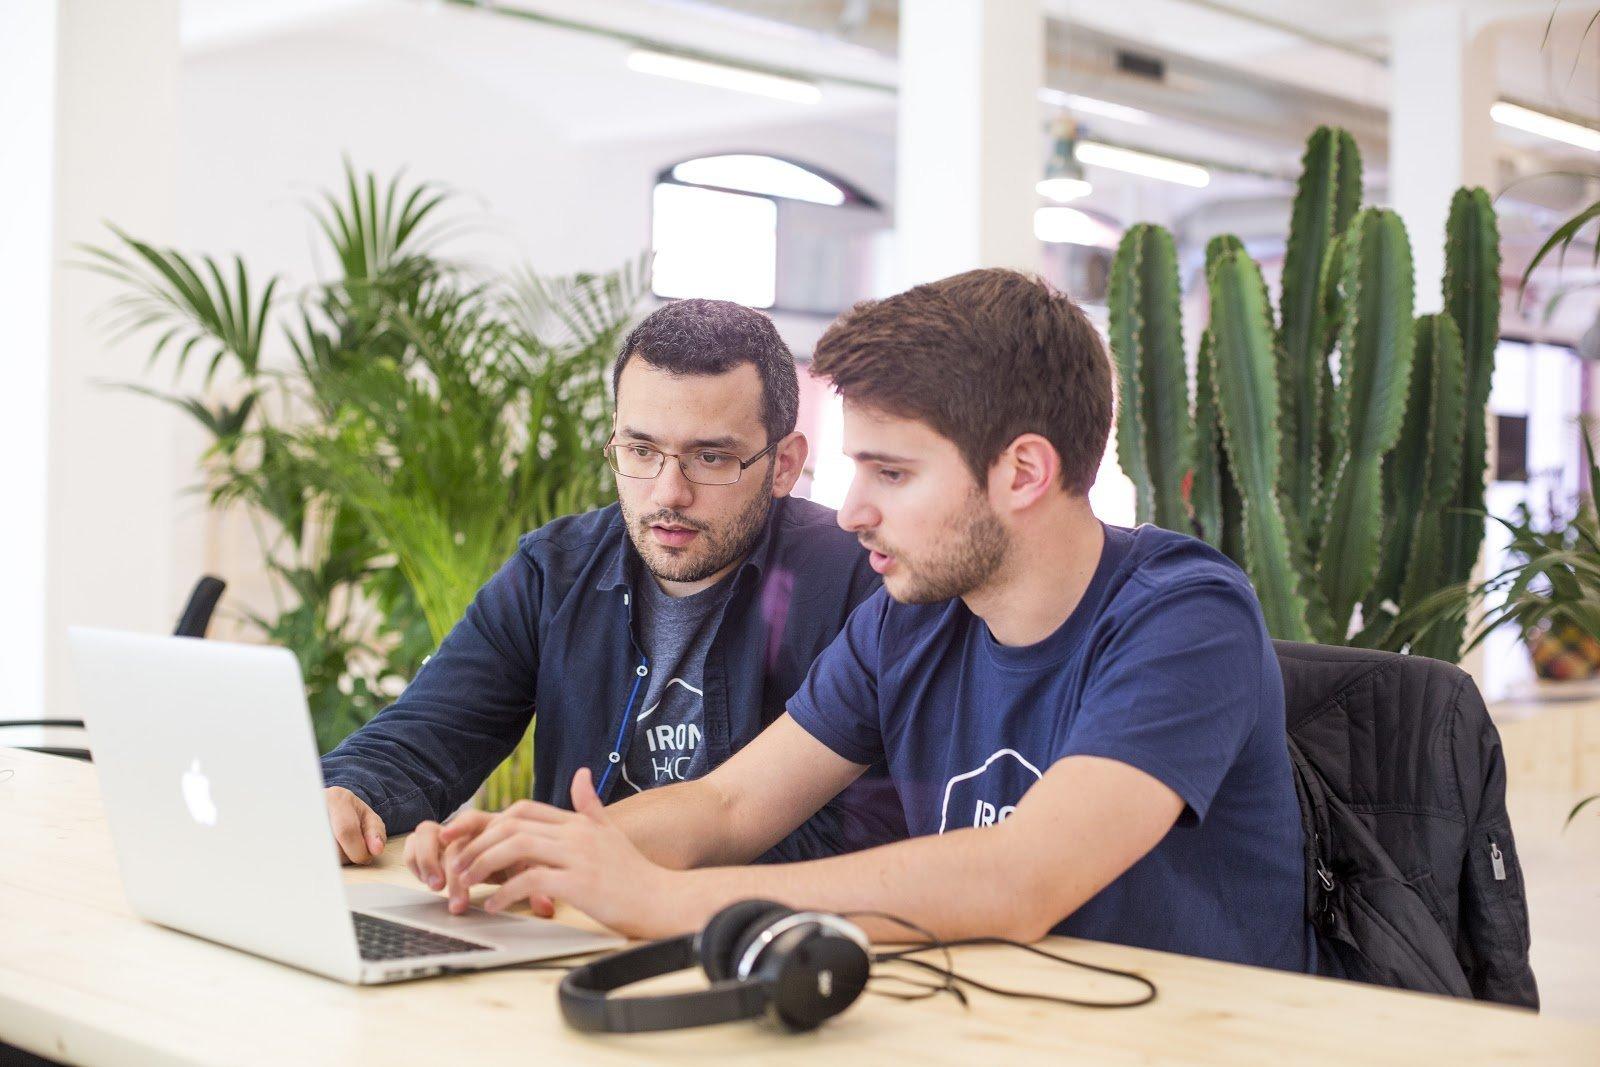 Escola de programação abre vagas para bootcamps na área de tecnologia